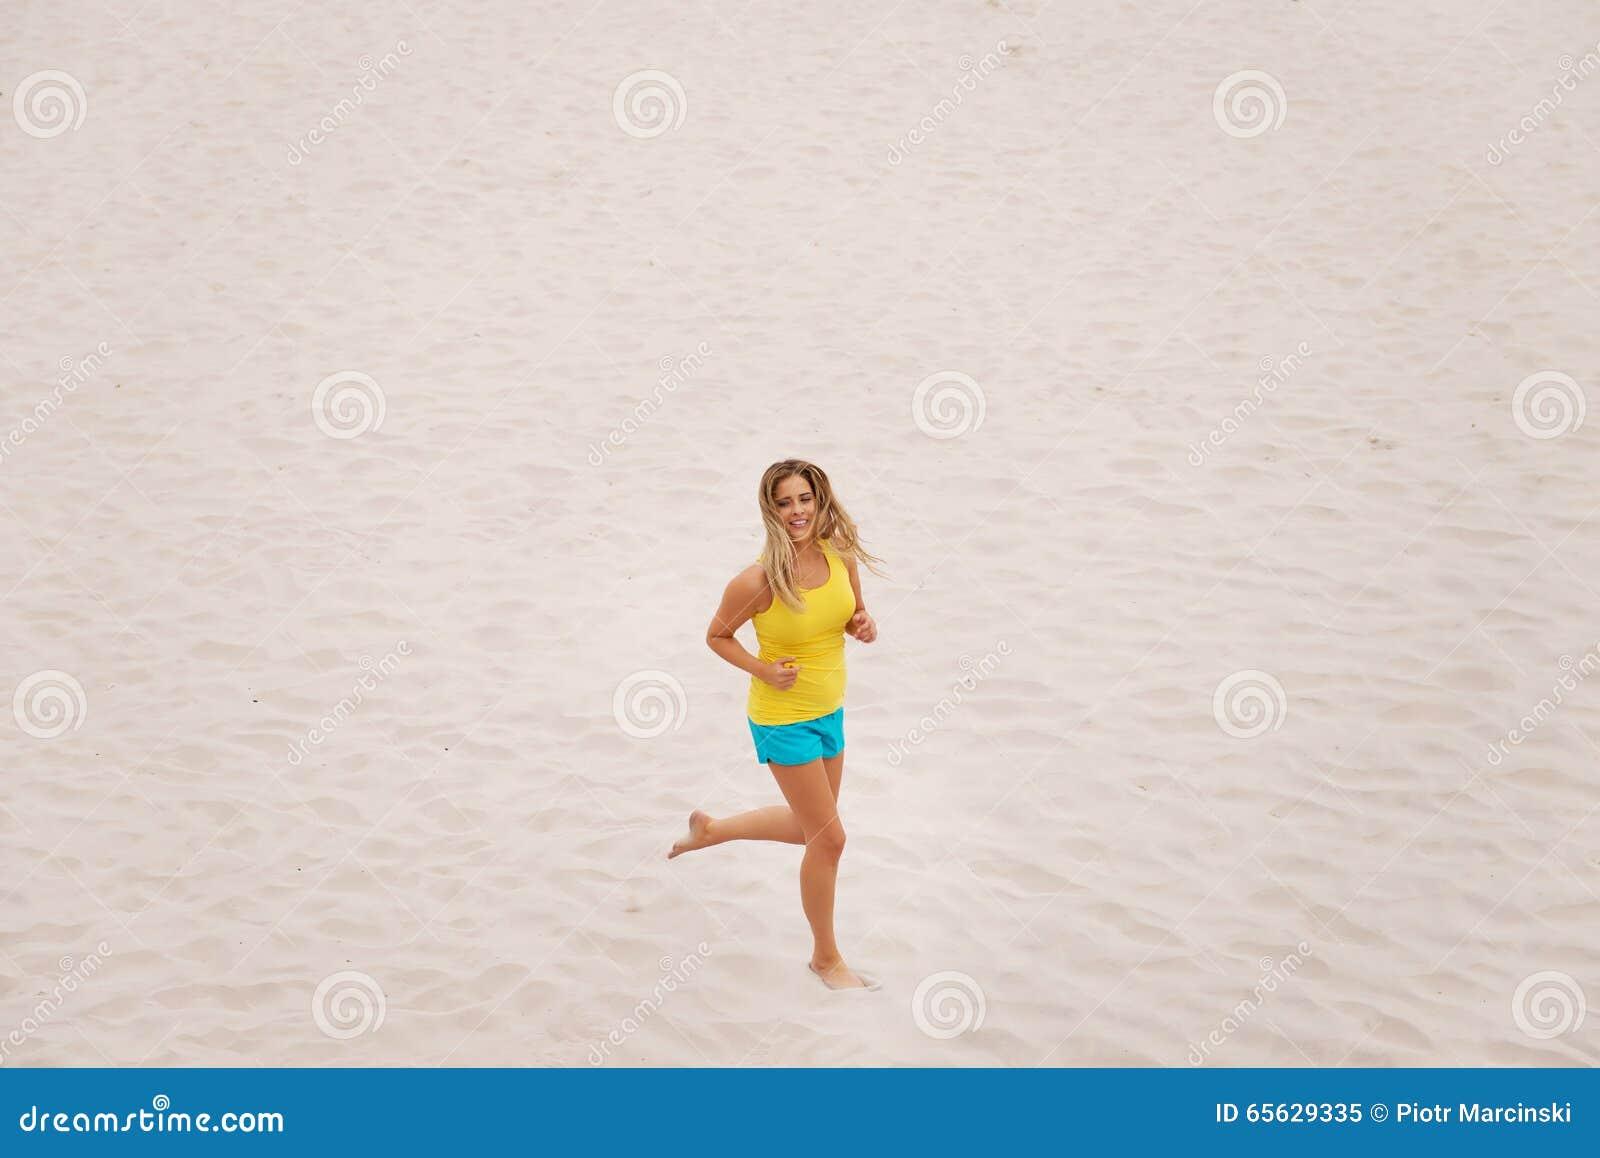 Jeune femme exécutant sur la plage